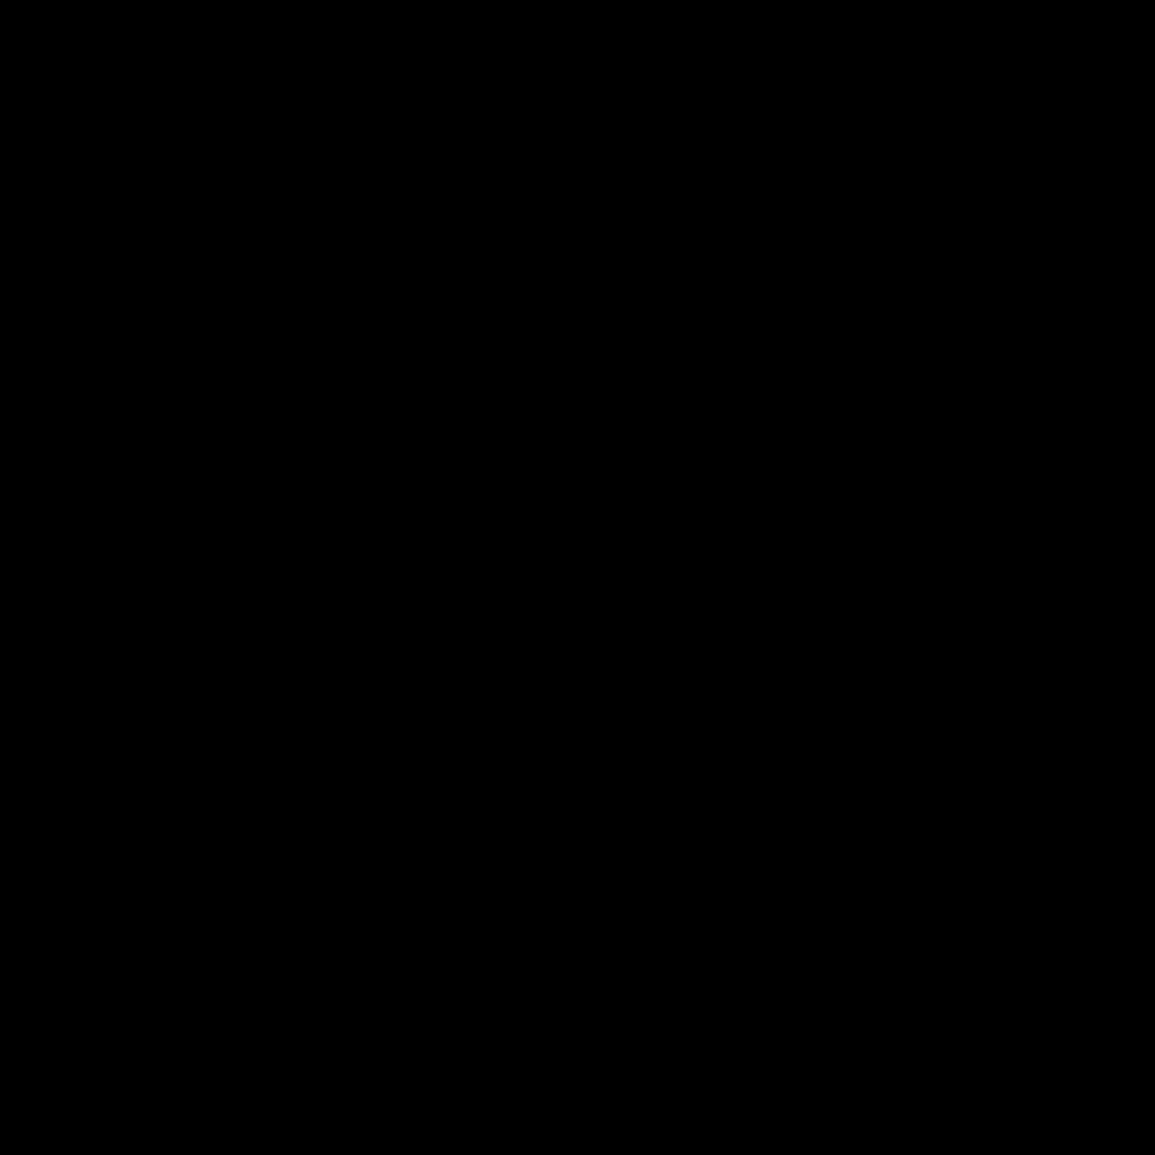 タイポス 1212 TY1212 字形見本